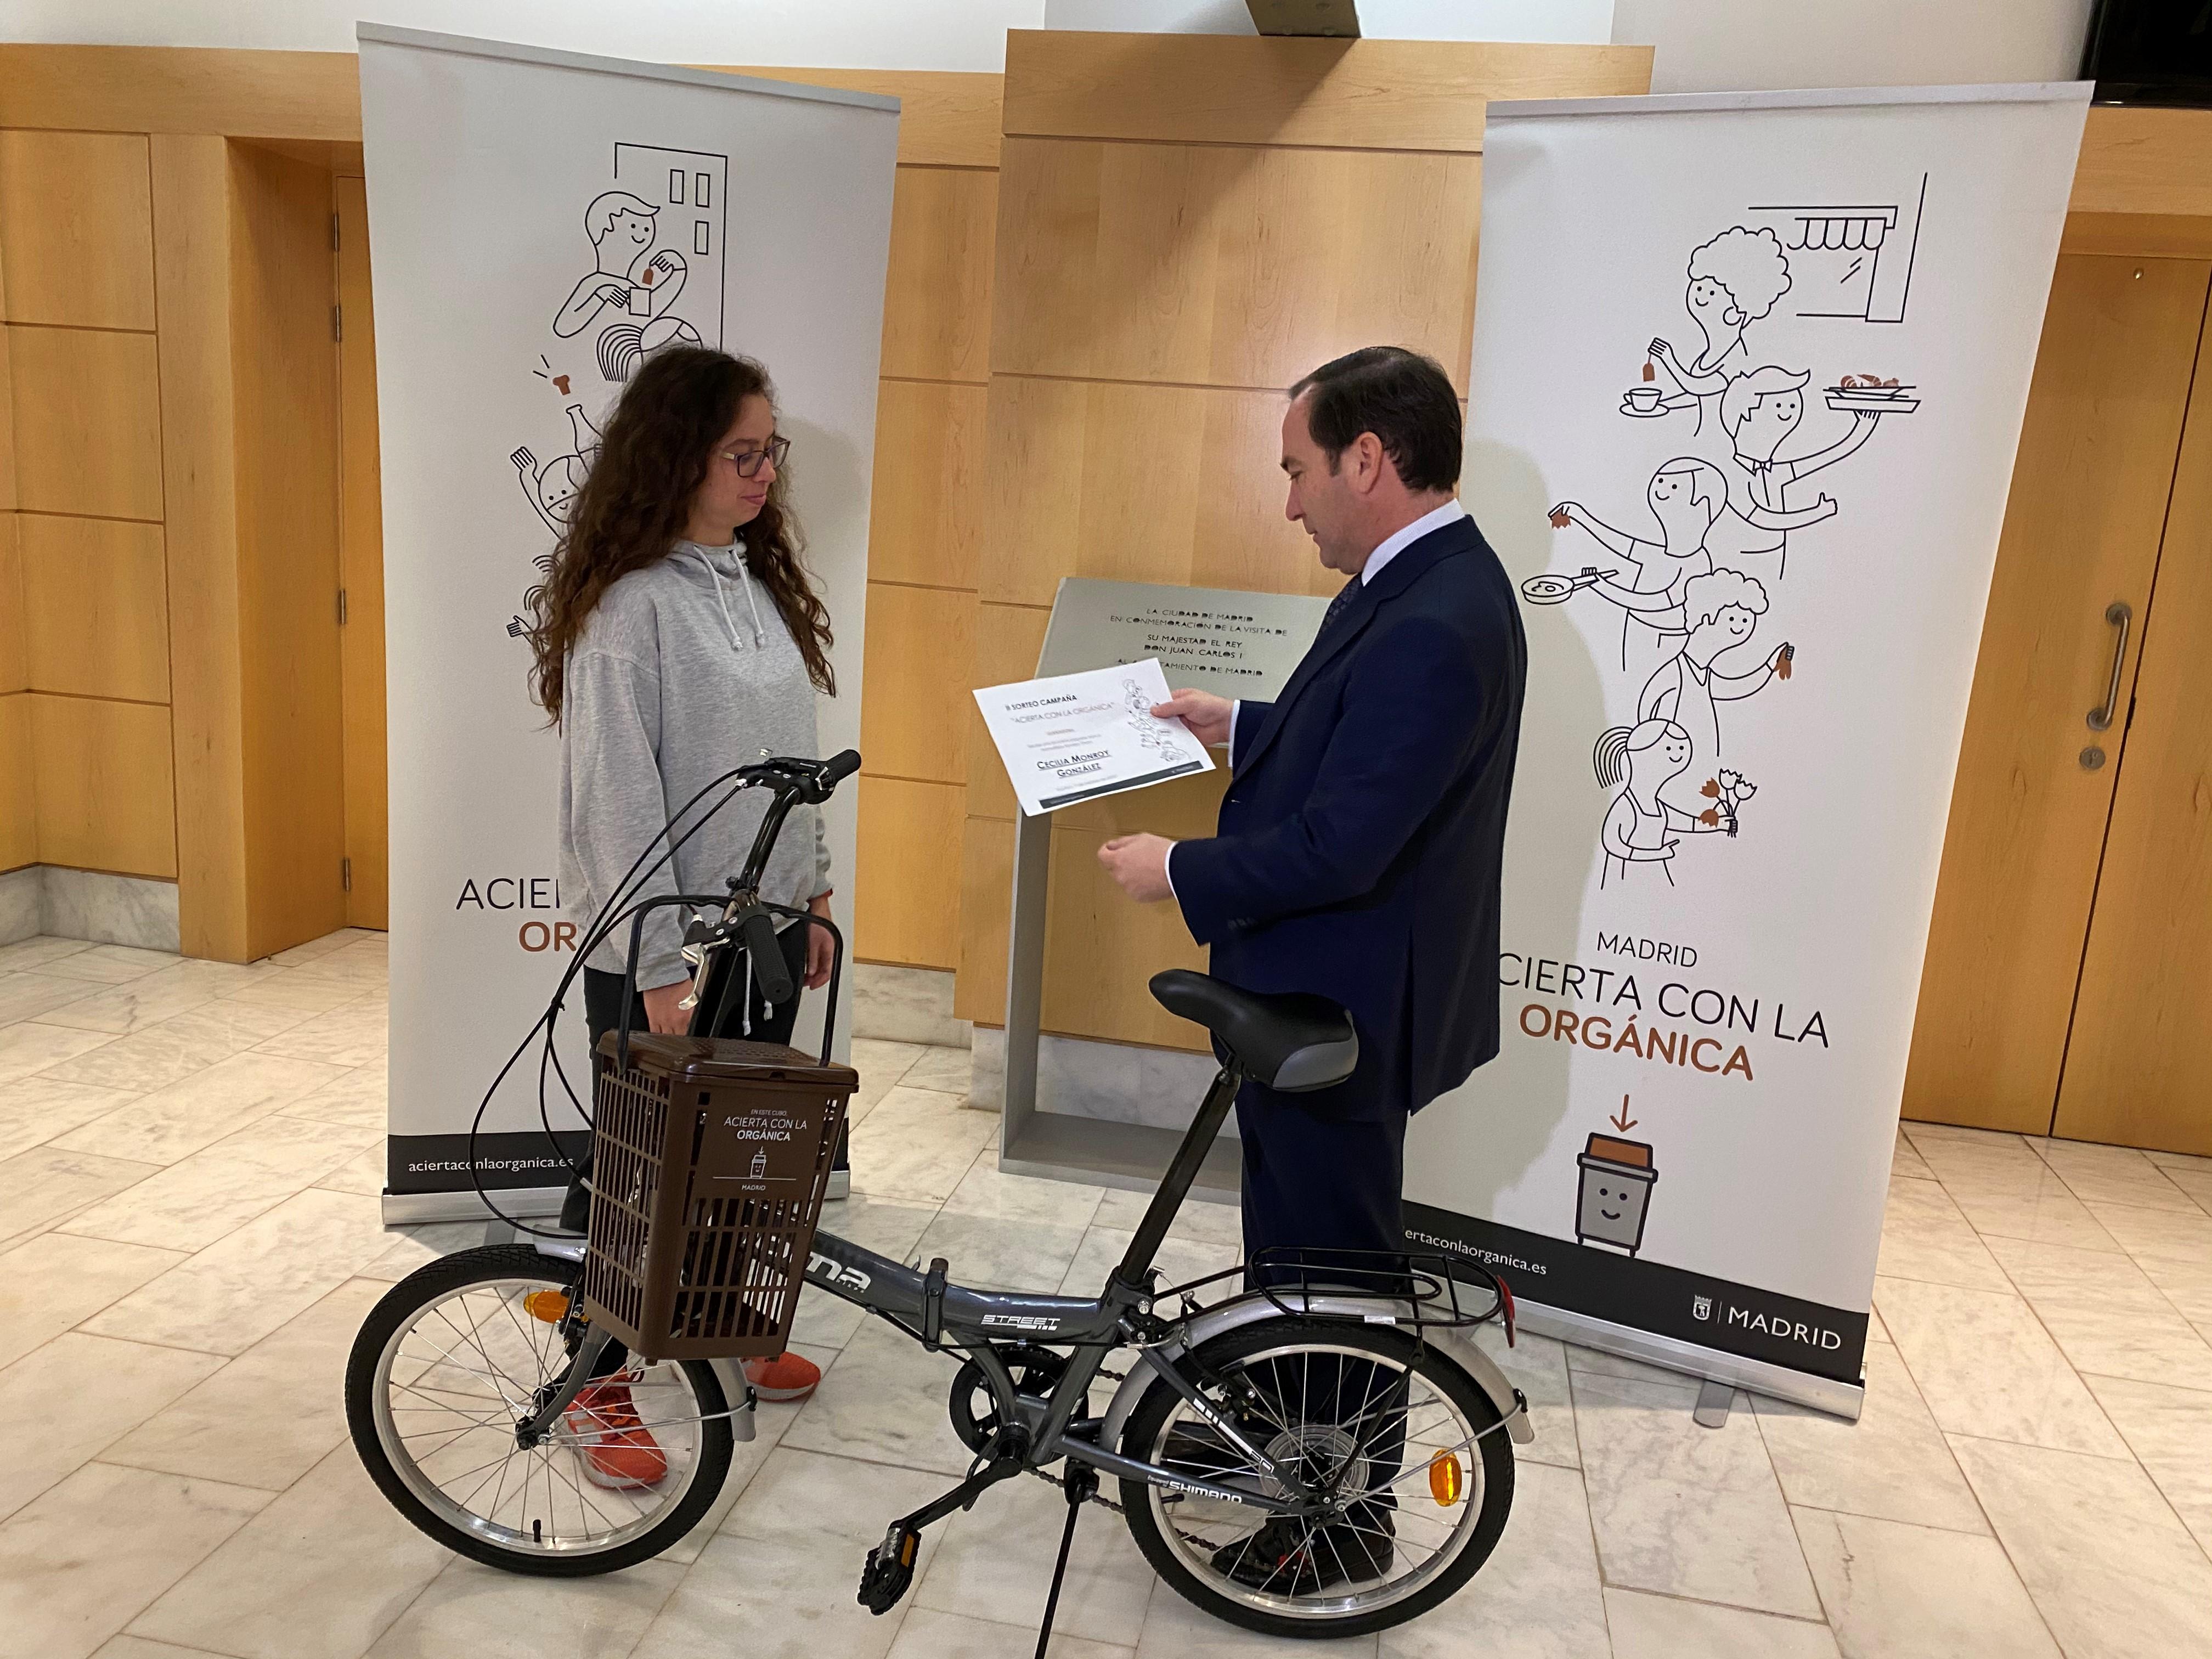 Entrega de la bicicleta a Cecilia Monroy, ganadora del concurso